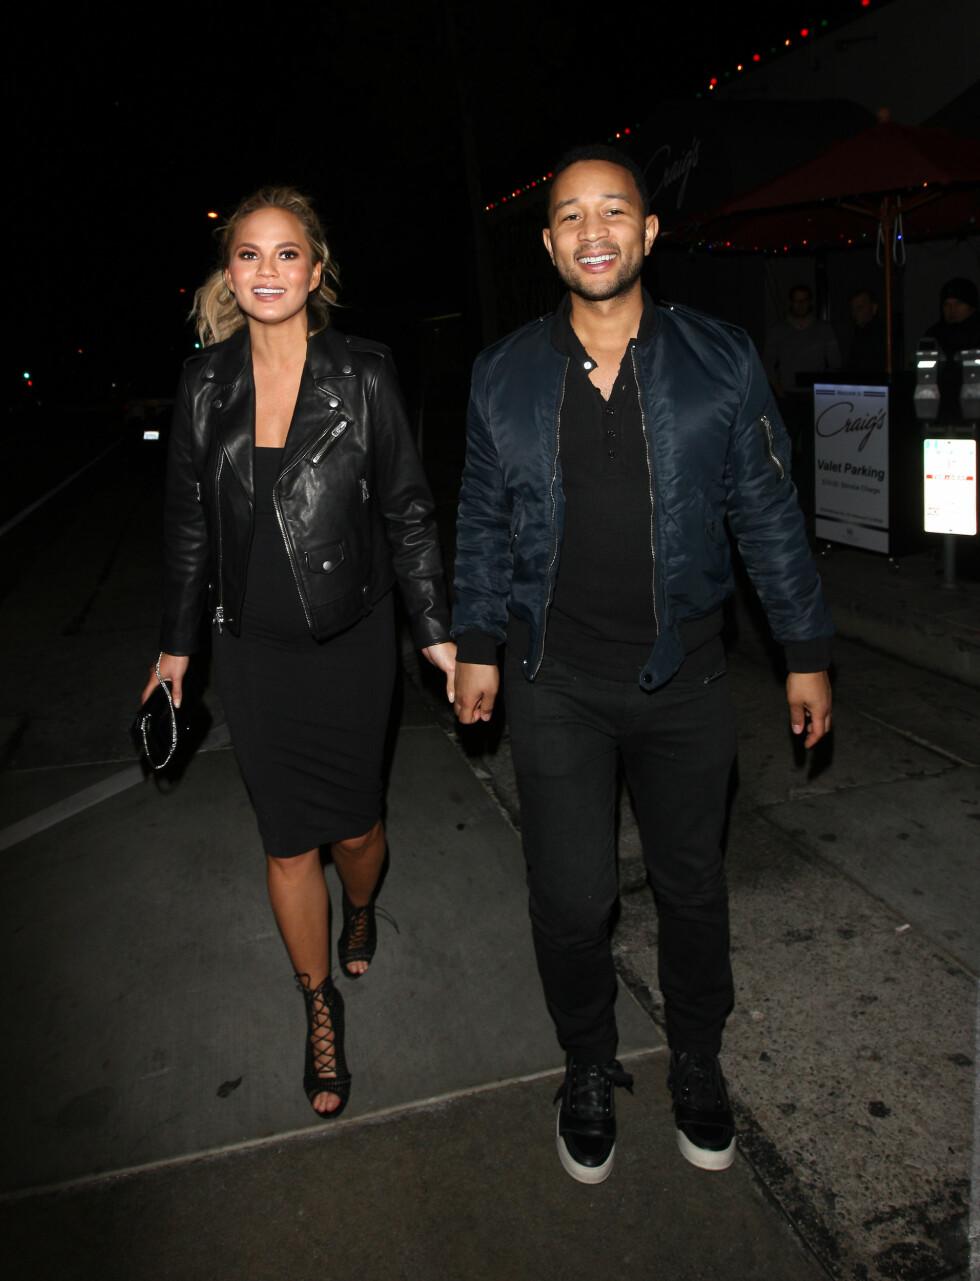 <strong>SØTT PAR:</strong> Chrissy Teigen og John Legend har vært gift i tre år. Foto: Splash News